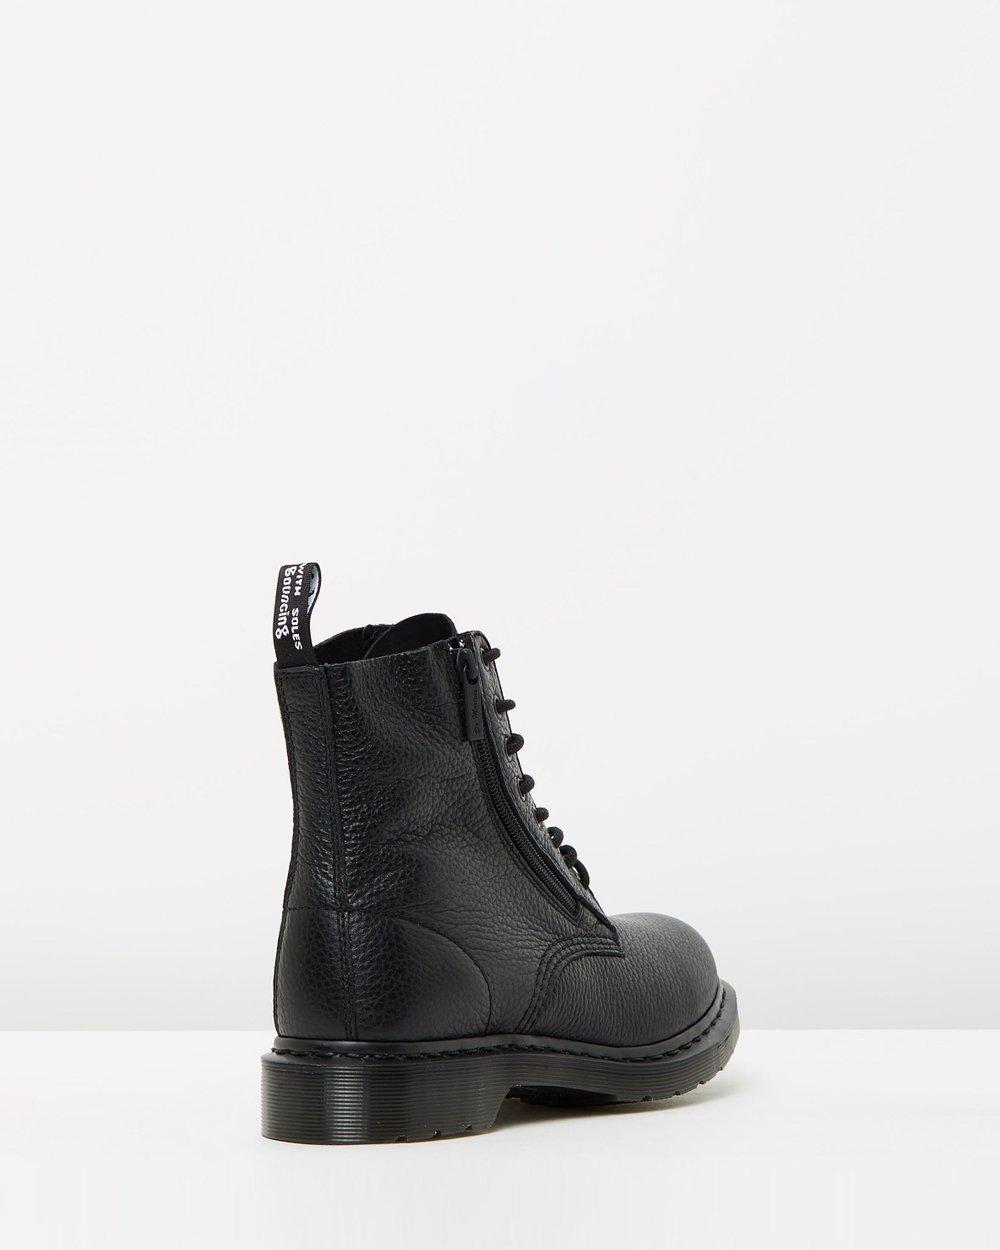 d2e48a194a898d Pascal 8 Eye Zip Boots - Women s by Dr Martens Online